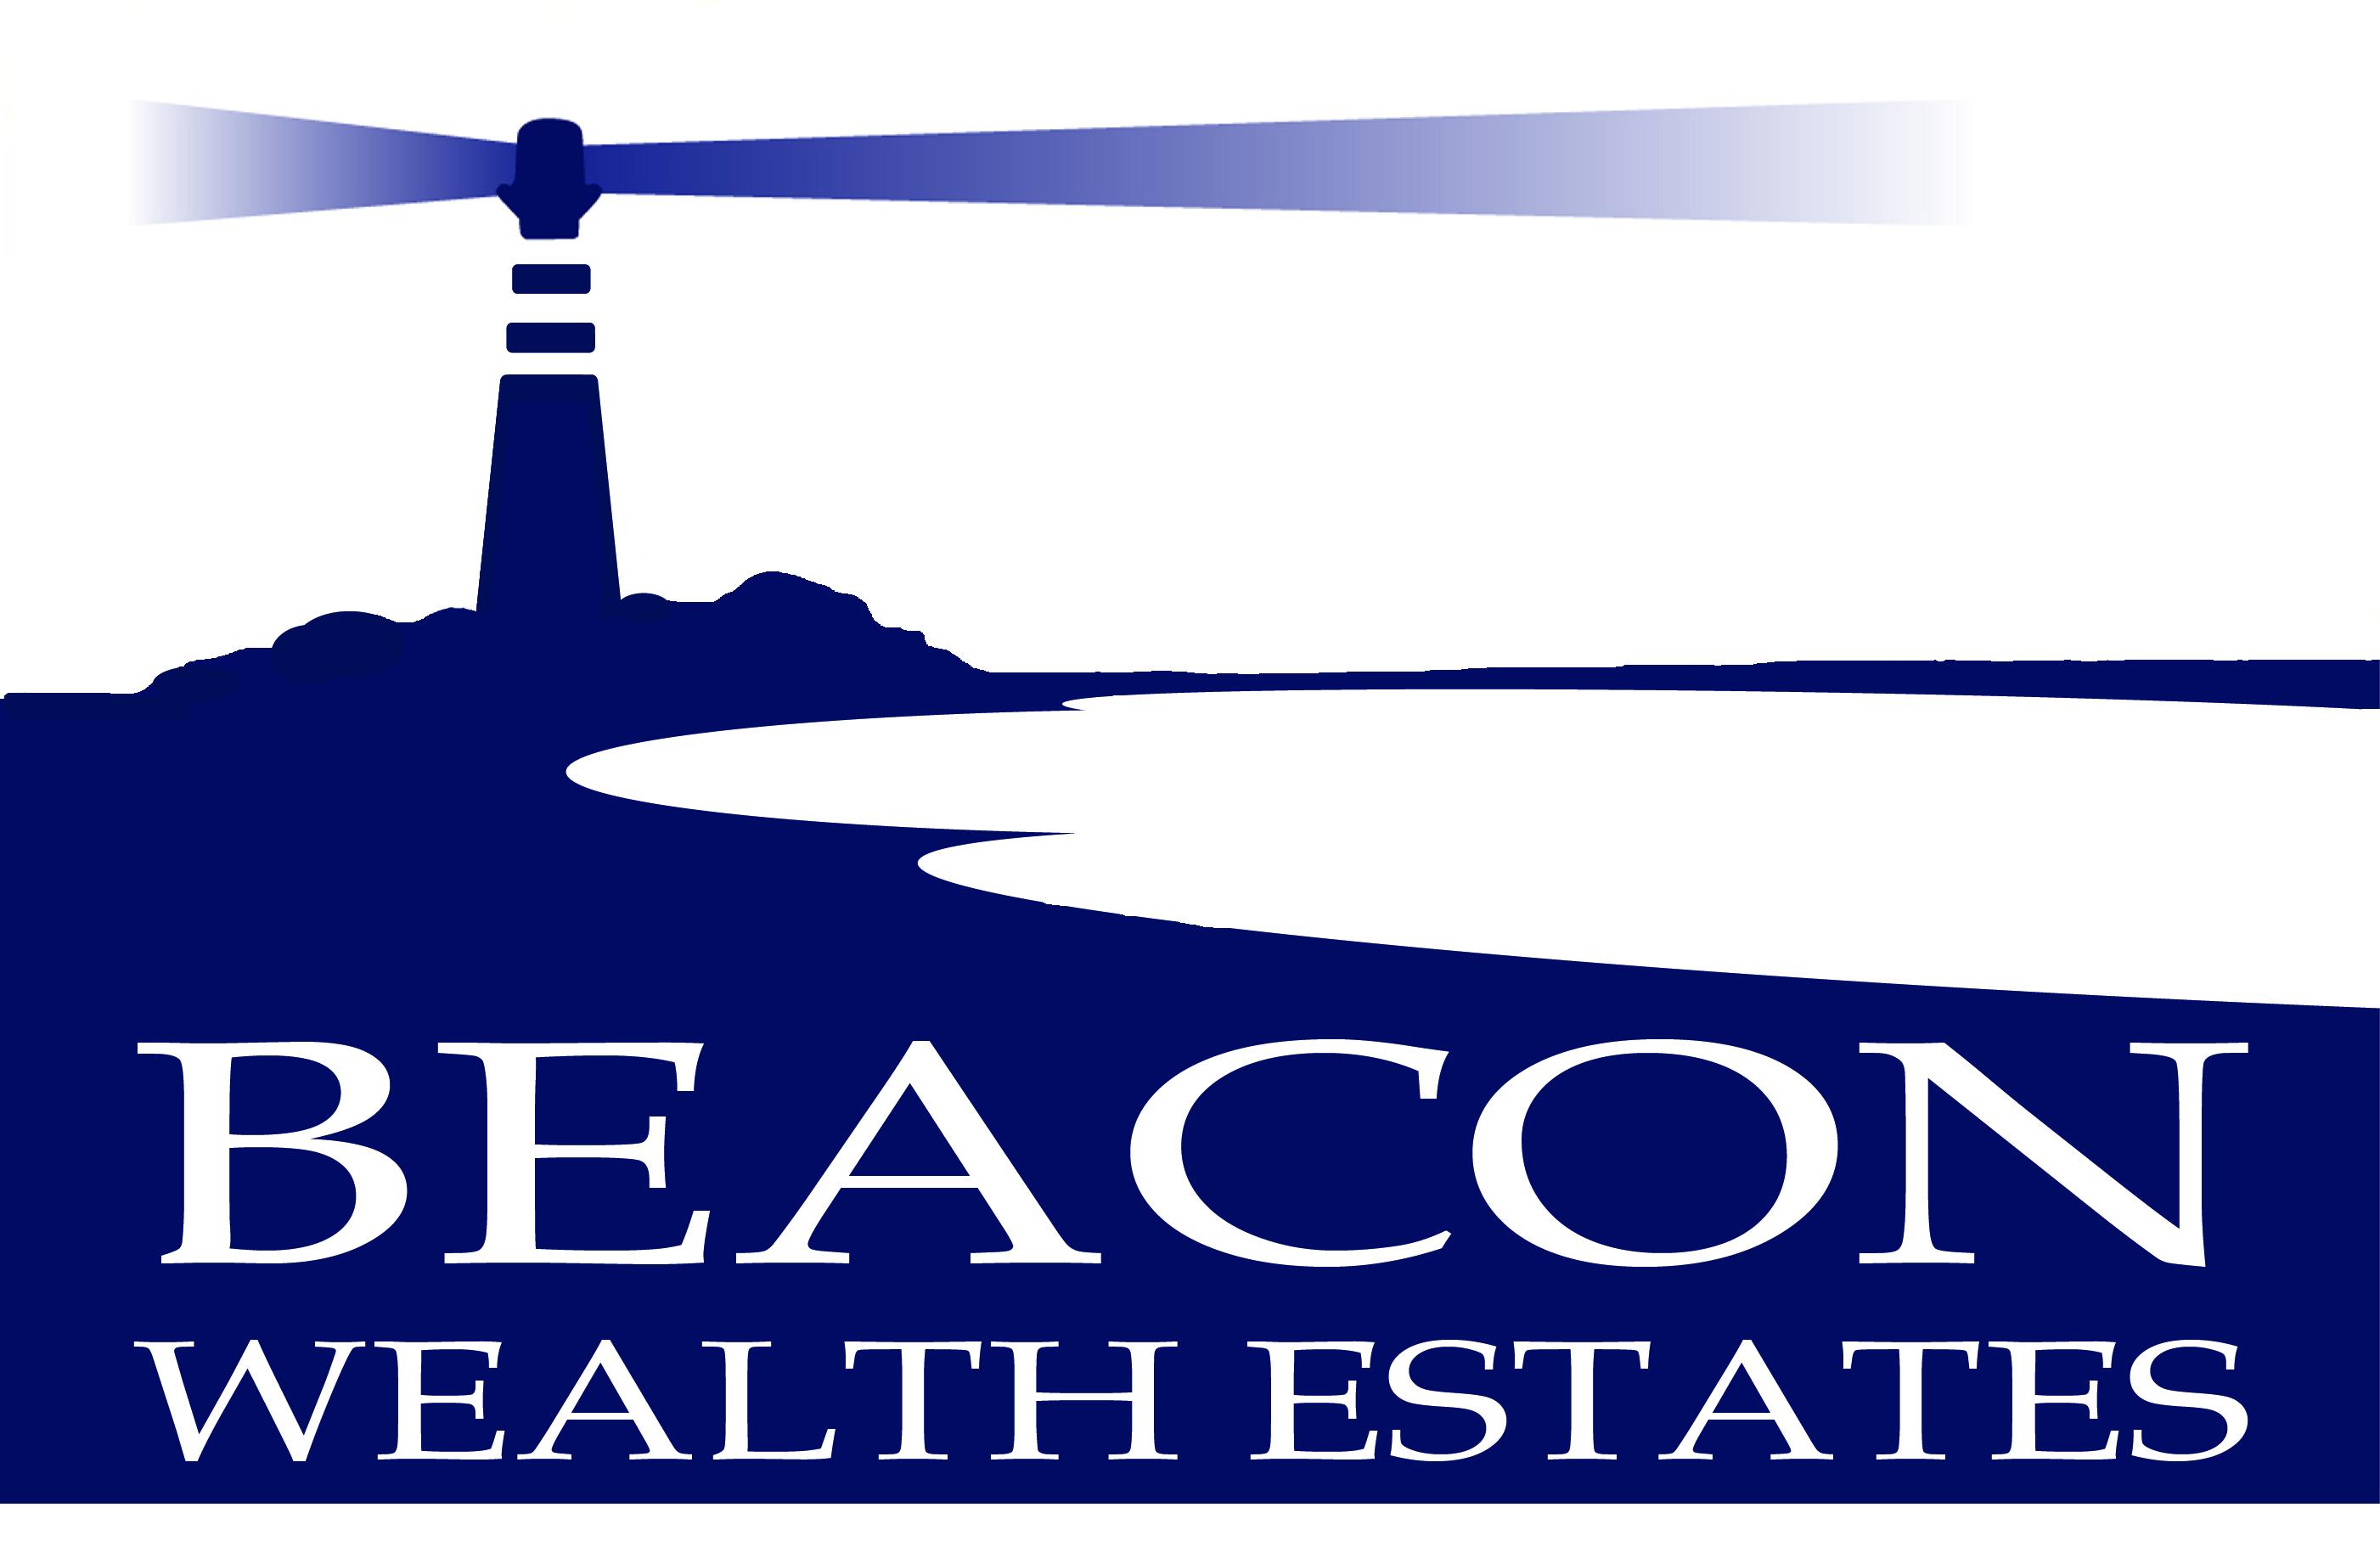 Beacon Wealth Estates